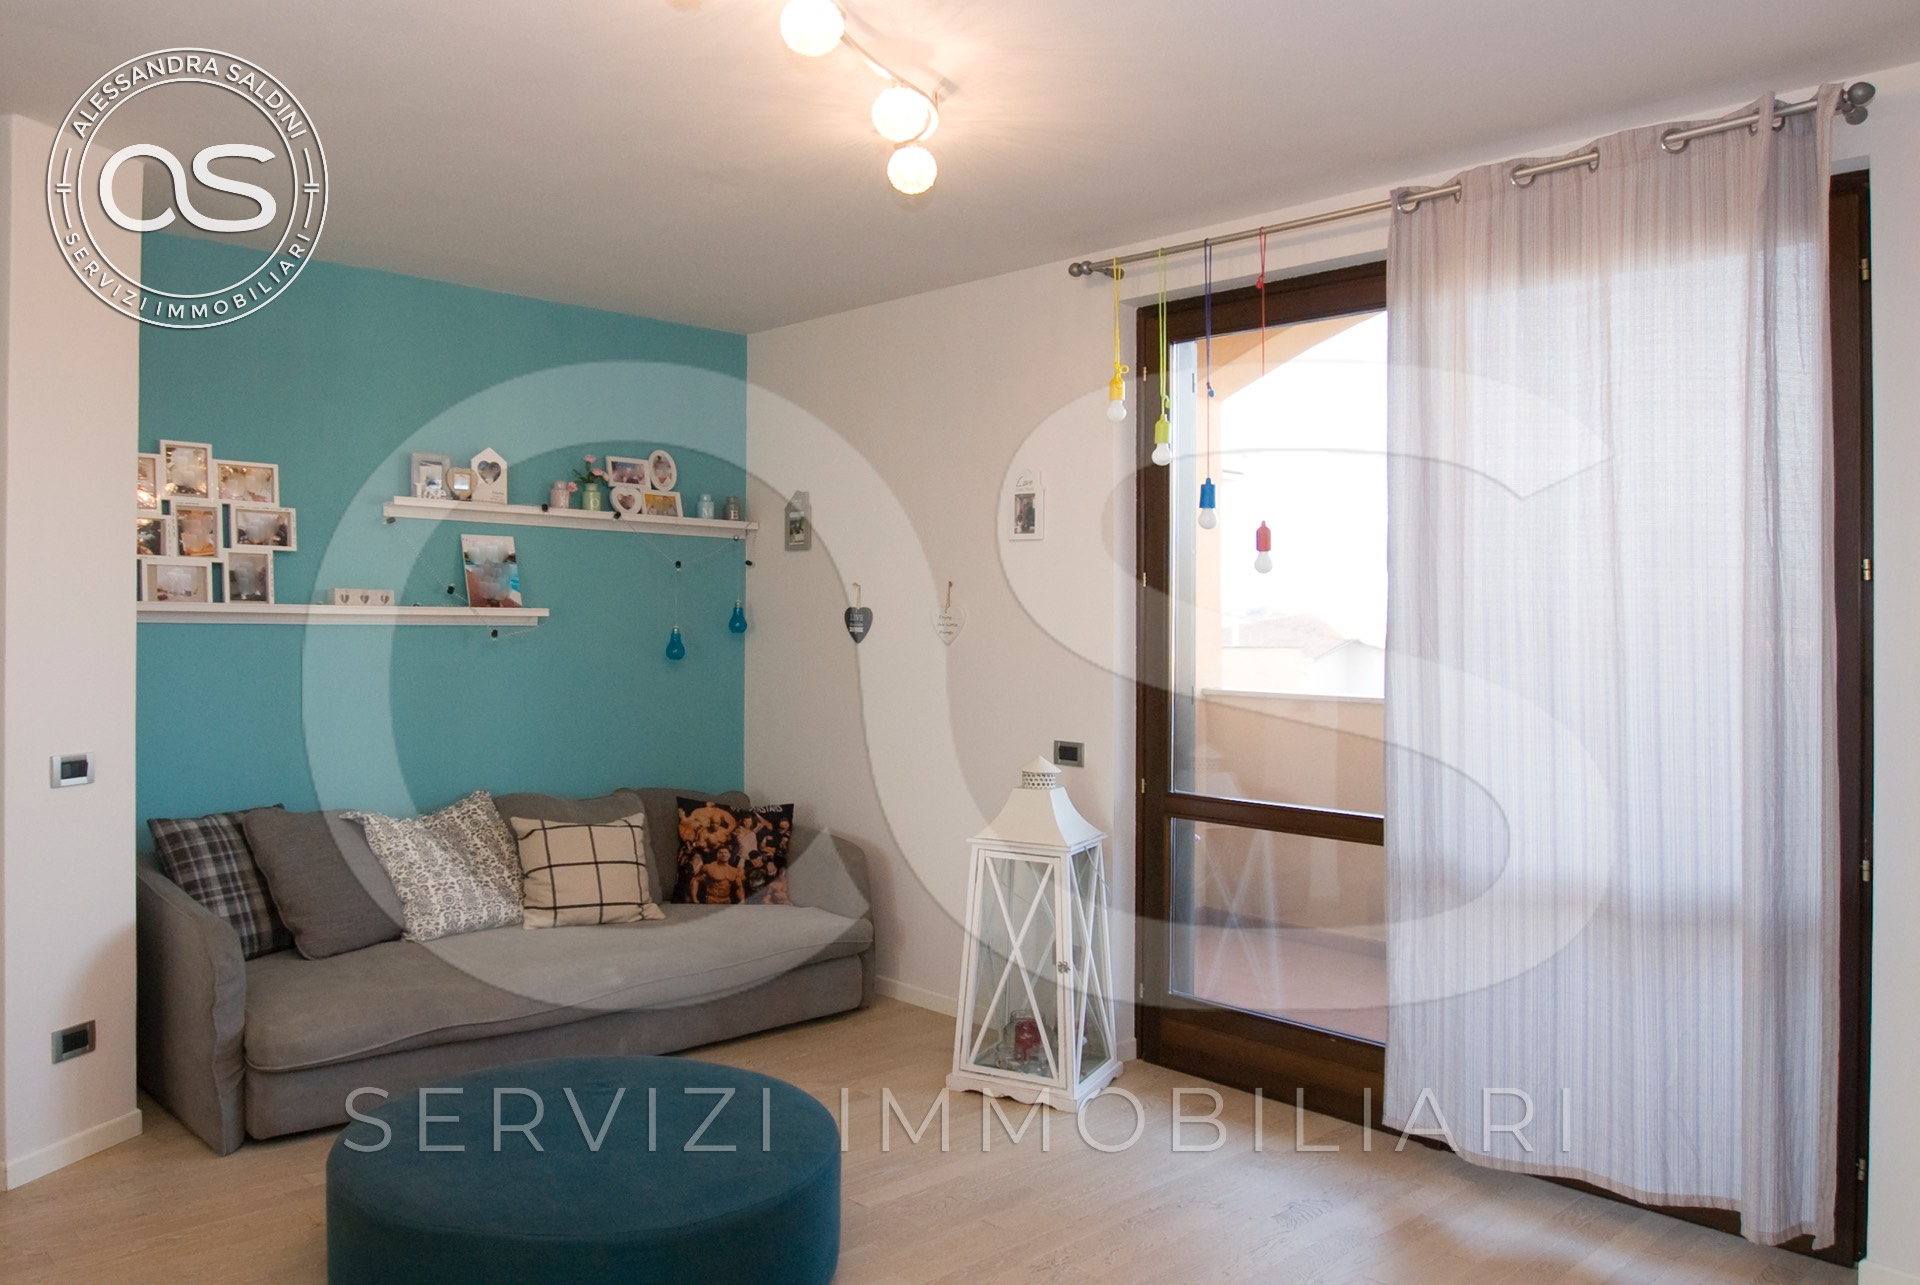 Appartamento in vendita a Manerbio, 3 locali, prezzo € 163.000 | CambioCasa.it